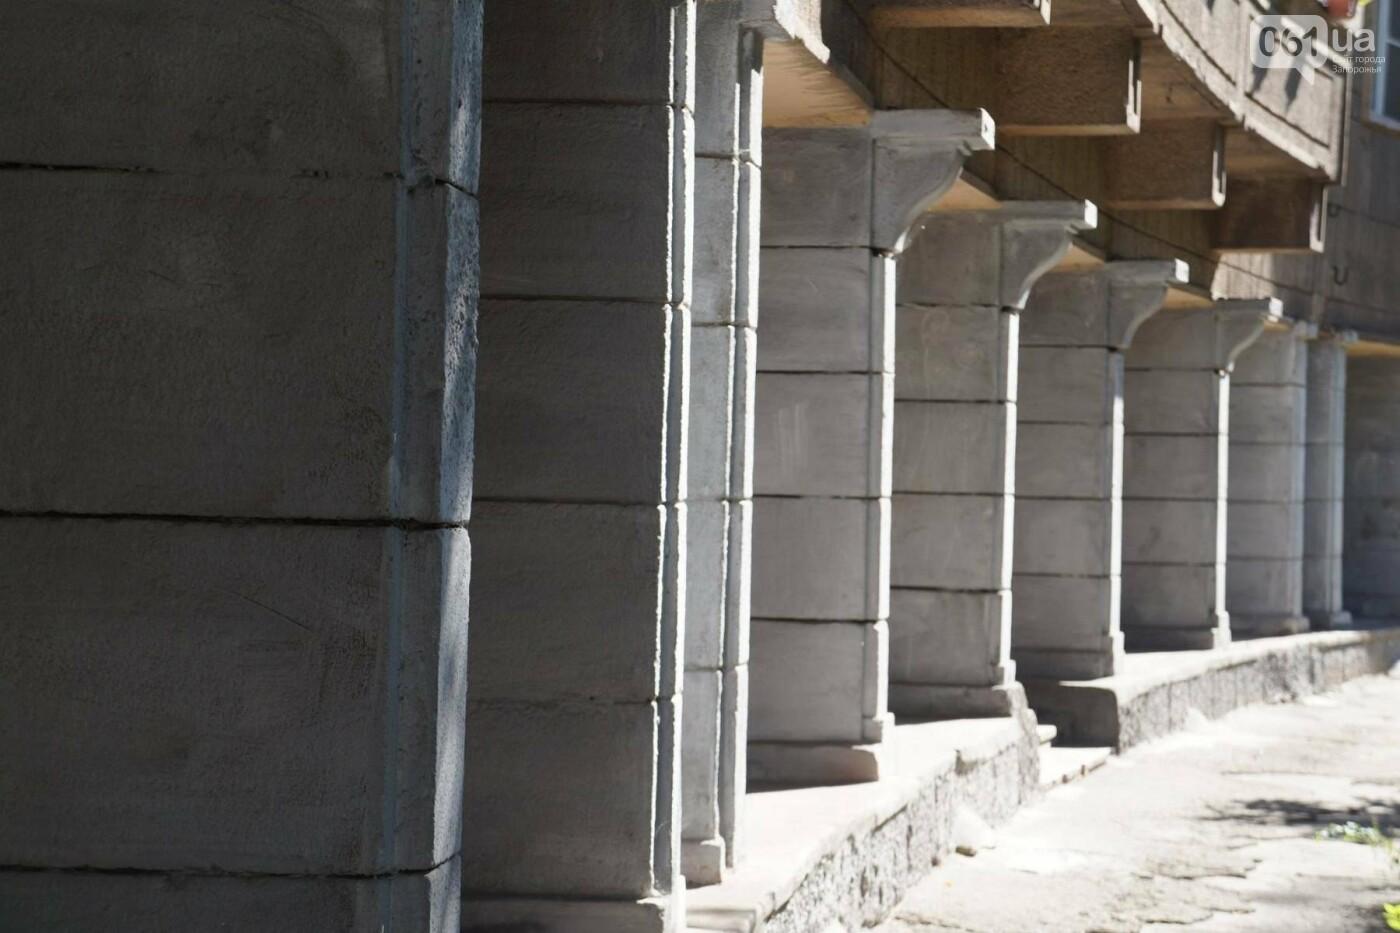 В Запорожье приедут немцы и расскажут, как сохранить модернистскую архитектуру Соцгорода, фото-2